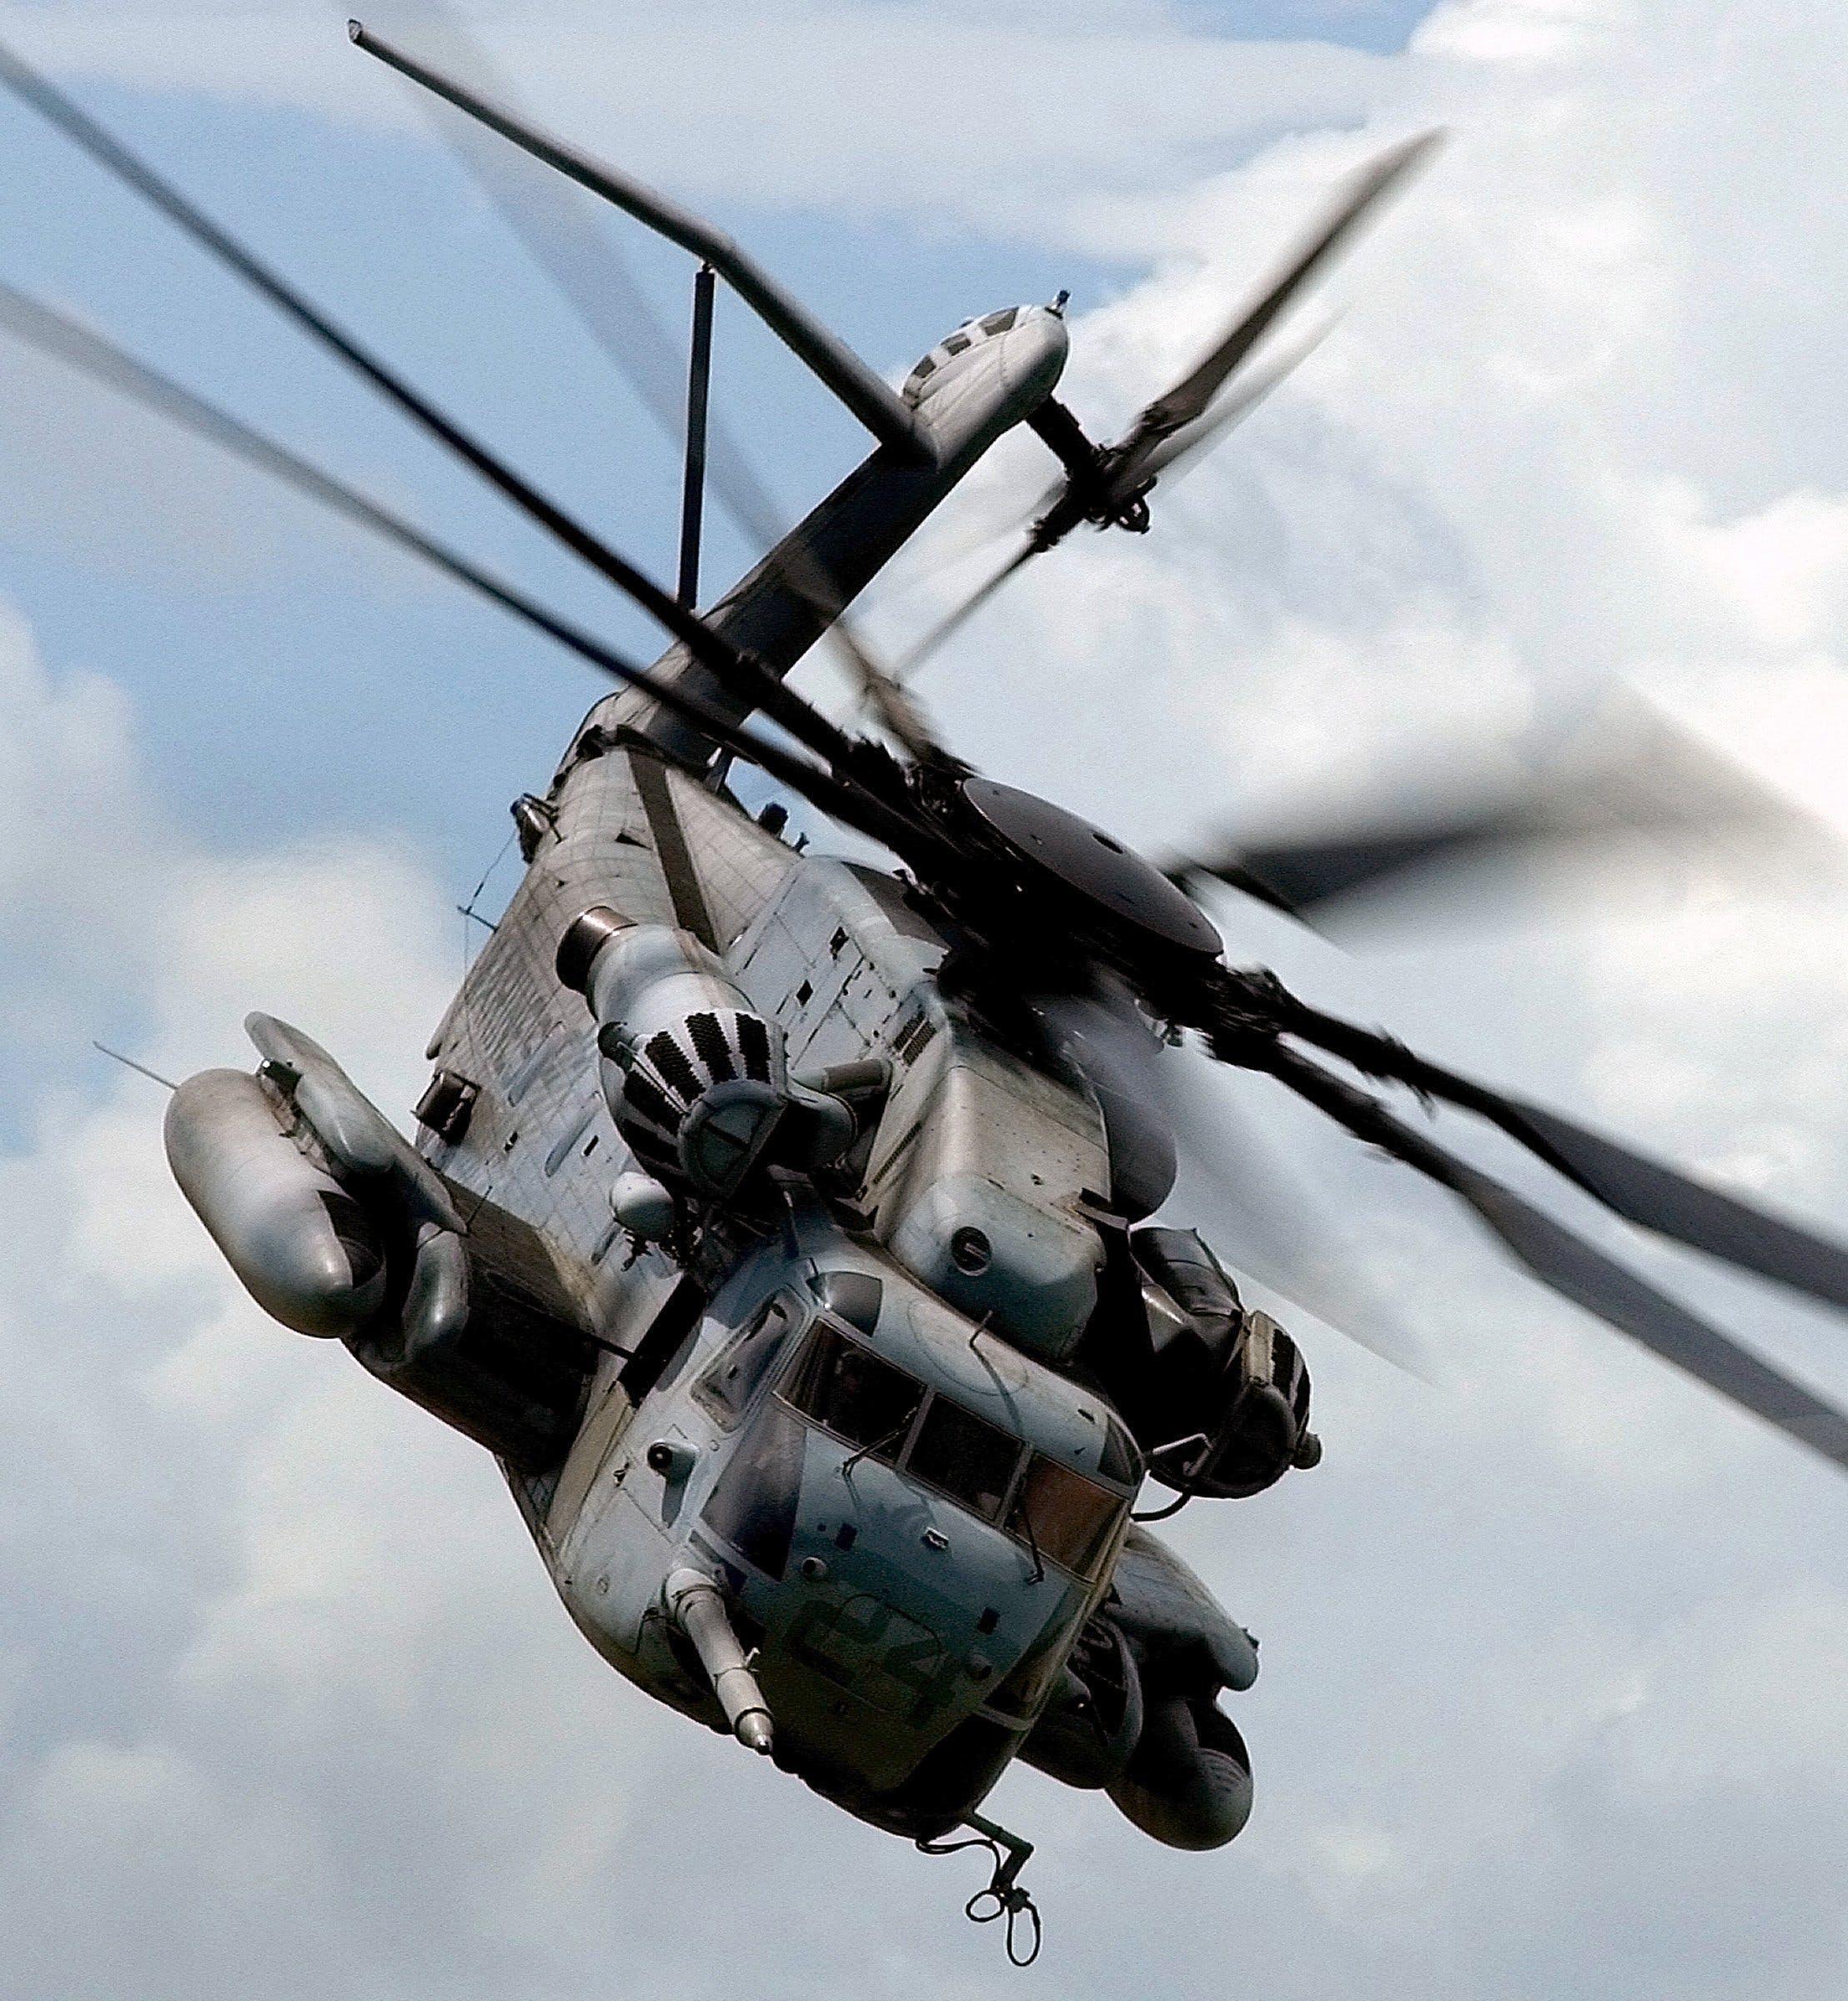 海军, 直升機, 航空, 航空器 的 免费素材照片